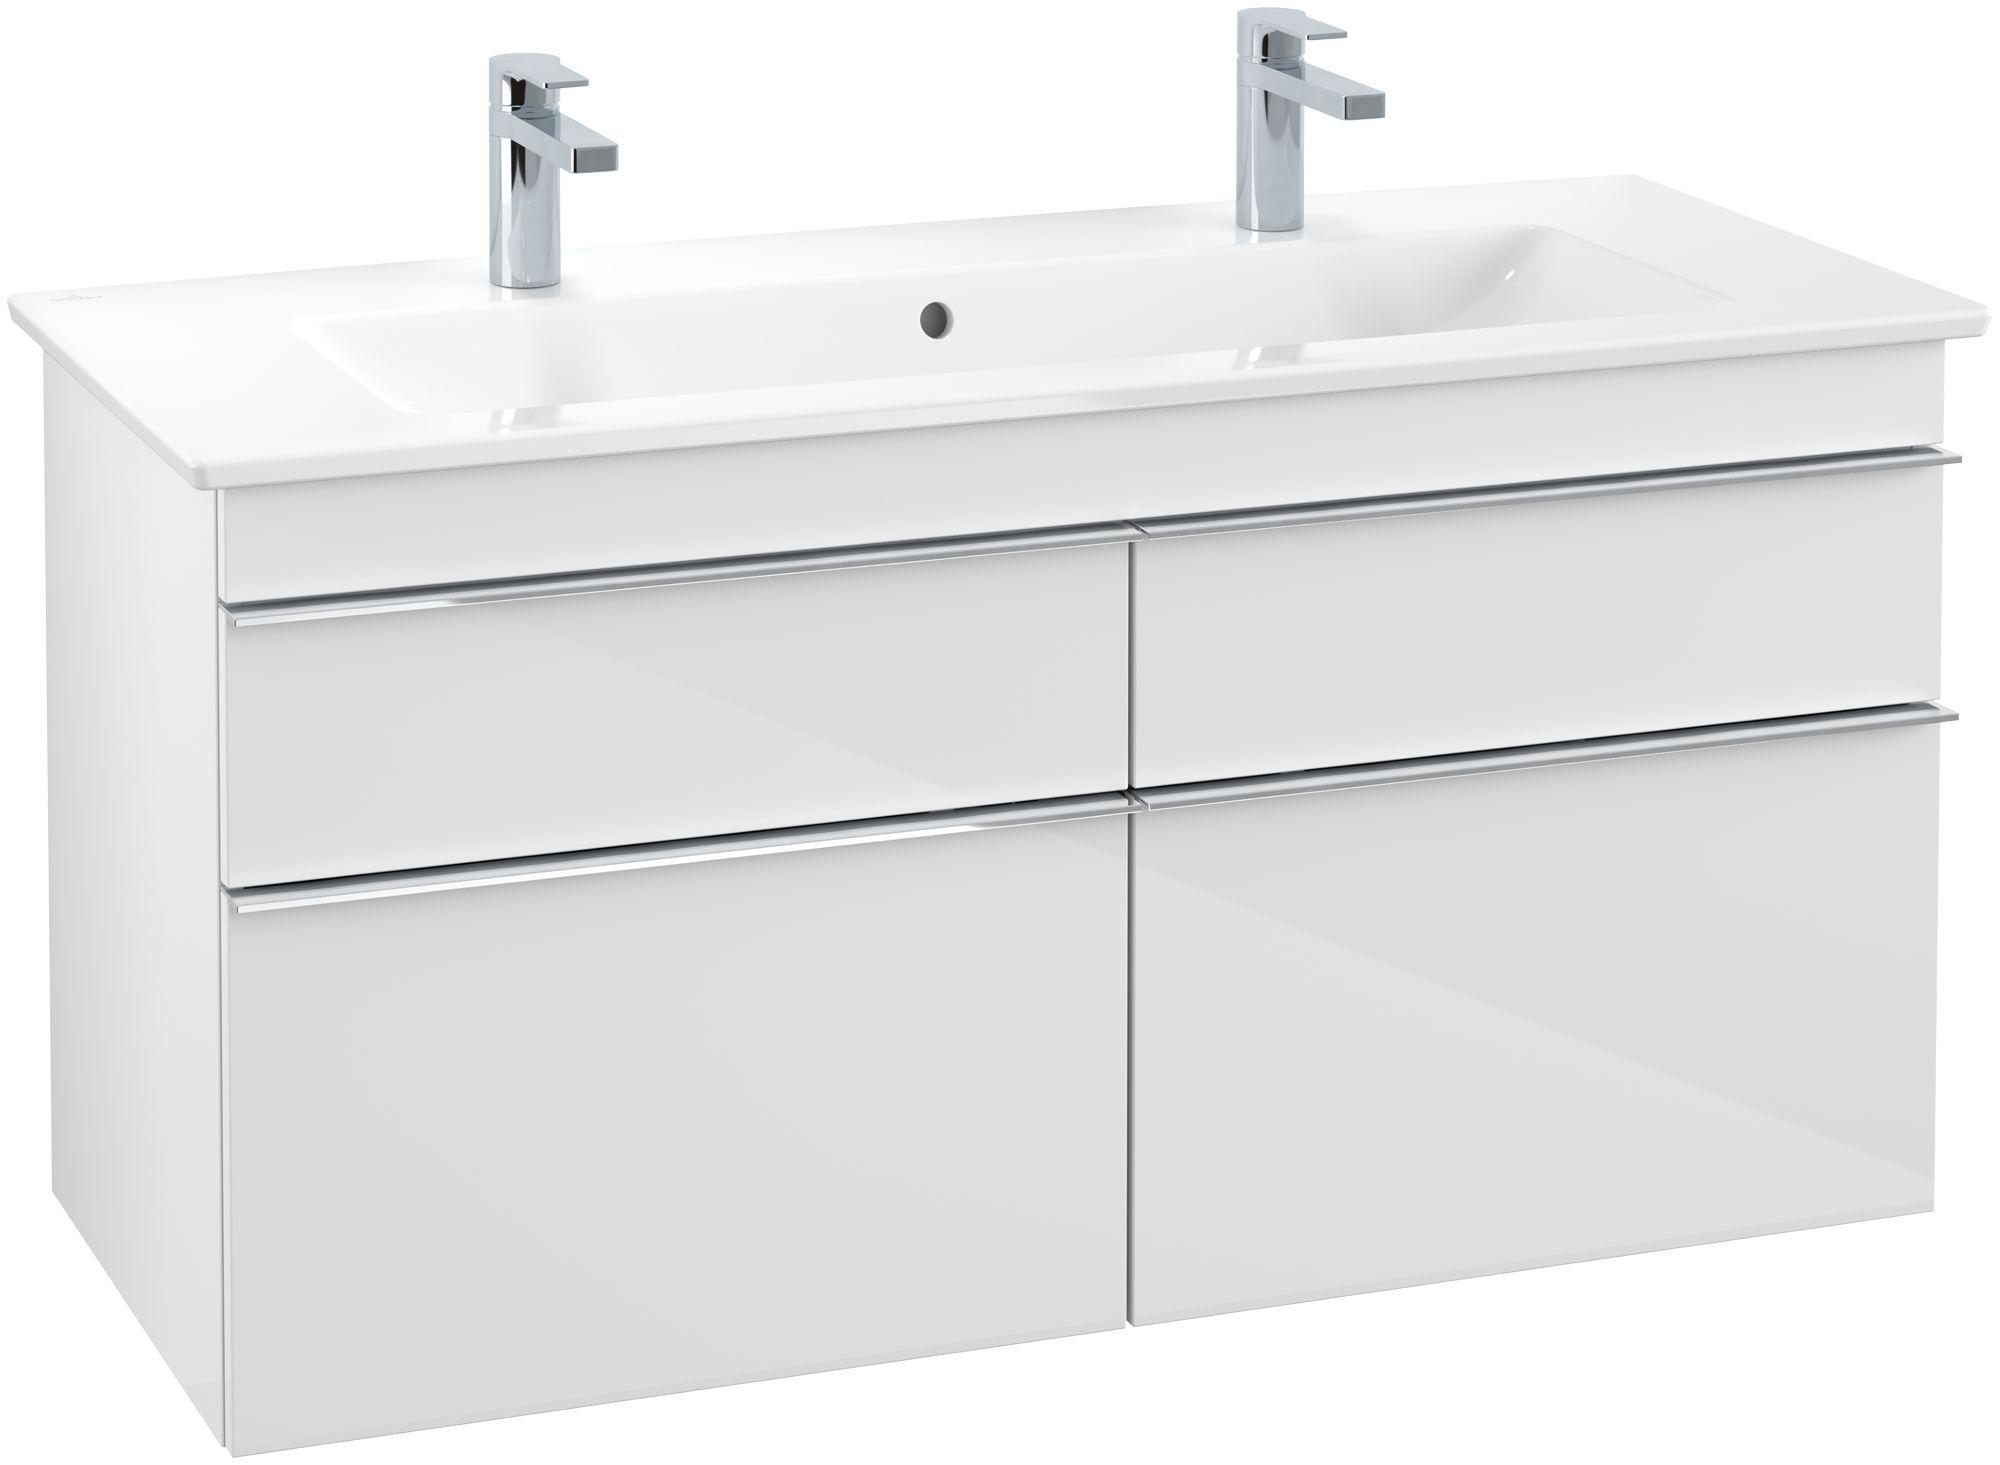 Villeroy & Boch Venticello Waschtischunterschrank 4 Auszüge B:1153xT:502xH:590mm glossy weiß Griffe chrom A92901DH